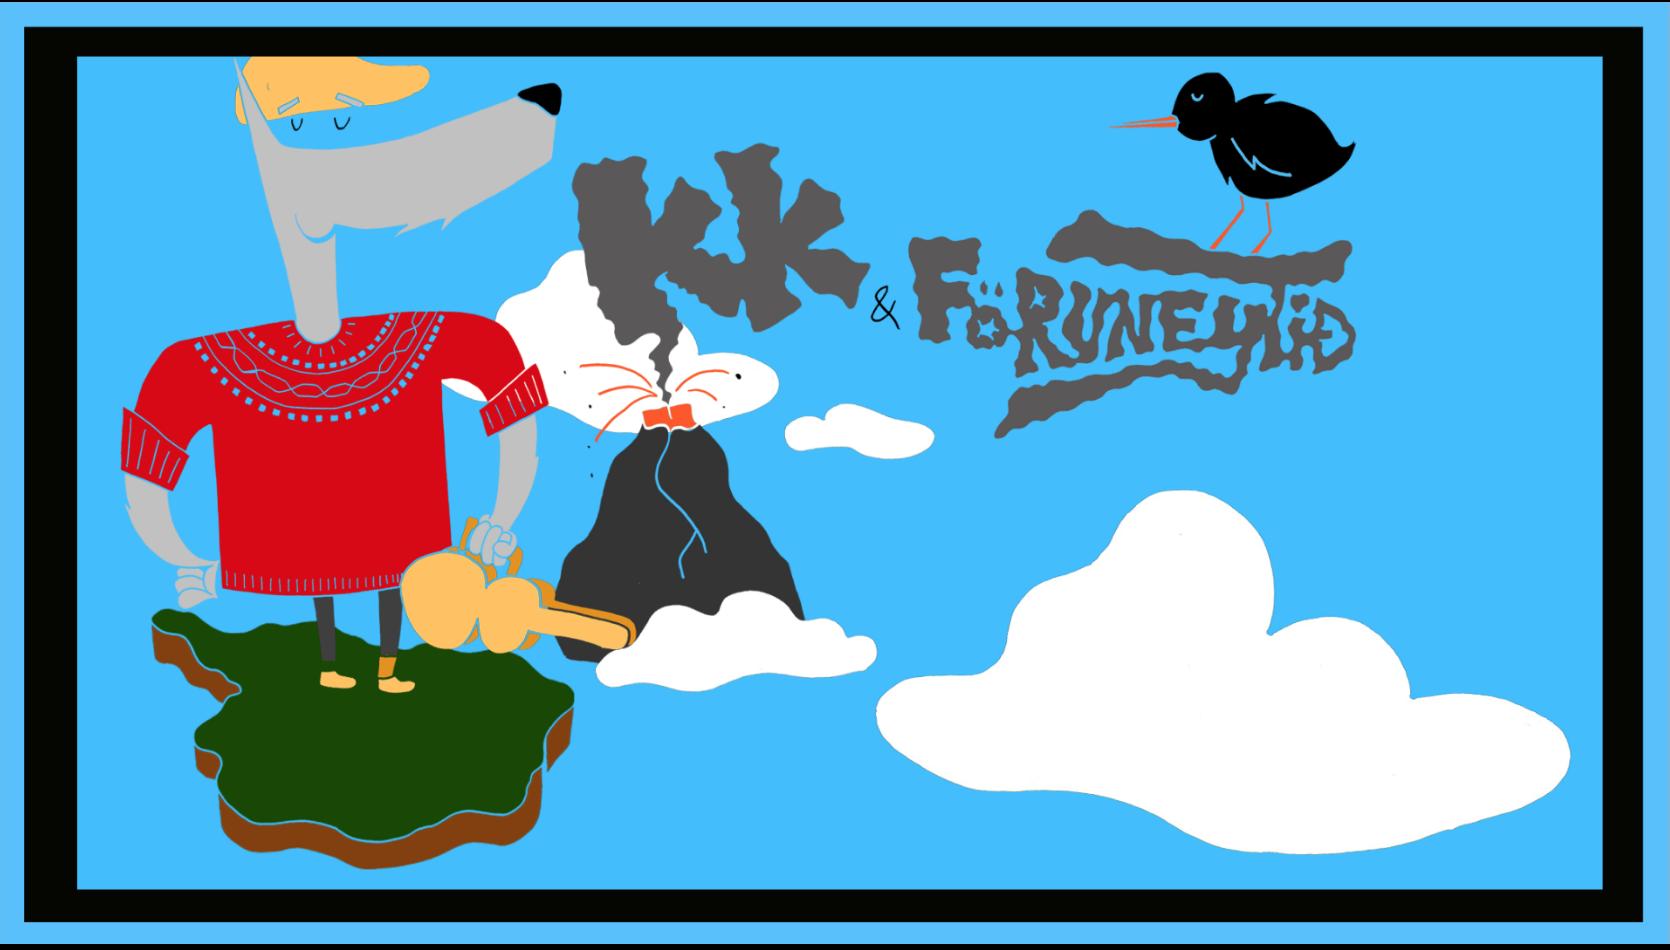 KK & Föruneytið - 29. marsKristján Kristjánsson eða KK eins og flestir þekkja hann er einn af tónlistarmönnum landsins. Hann hefur samið og leikið lög inn hljómplötur í áraraðir, samið tónlist fyrir leikrit, bíómyndir og sjónvarpsþætti auk þess sem hann hefur leikið eitt og eitt hlutverk sjálfur.Lengi hefur hann þráð að flytja úrval af lögum sínum sem krefjast hljómsveitar en fram að þessu hefur hann oftast verið einn á ferð með gítar og munnhörpu að vopni. Nú ætlar KK að láta þennan draum sinn rætast og hefur safnað saman góðum mönnum í föruneyti sem mun ferðast með honum vítt og breitt um landið nú um leið og blessuð sólin hækkar á lofti.Förunautar KK á vortúrnum eru:Eyþór Gunnarsson…………. hljómborð, raddirGuðmundur Pétursso…….. ýmsir gítarar, raddirSölvi Kristjánsson…….…… bassi, raddirKristinn Agnarsson……….. trommur, raddirTónleikaröðin hefst í Bæjarbíó í Hafnarfirði Laugardaginn 23. mars. Annar viðkomustaður KK & föruneytis er svo Föstudaginn 29. mars í Alþýðuhúsinu Vestmannaeyjum.